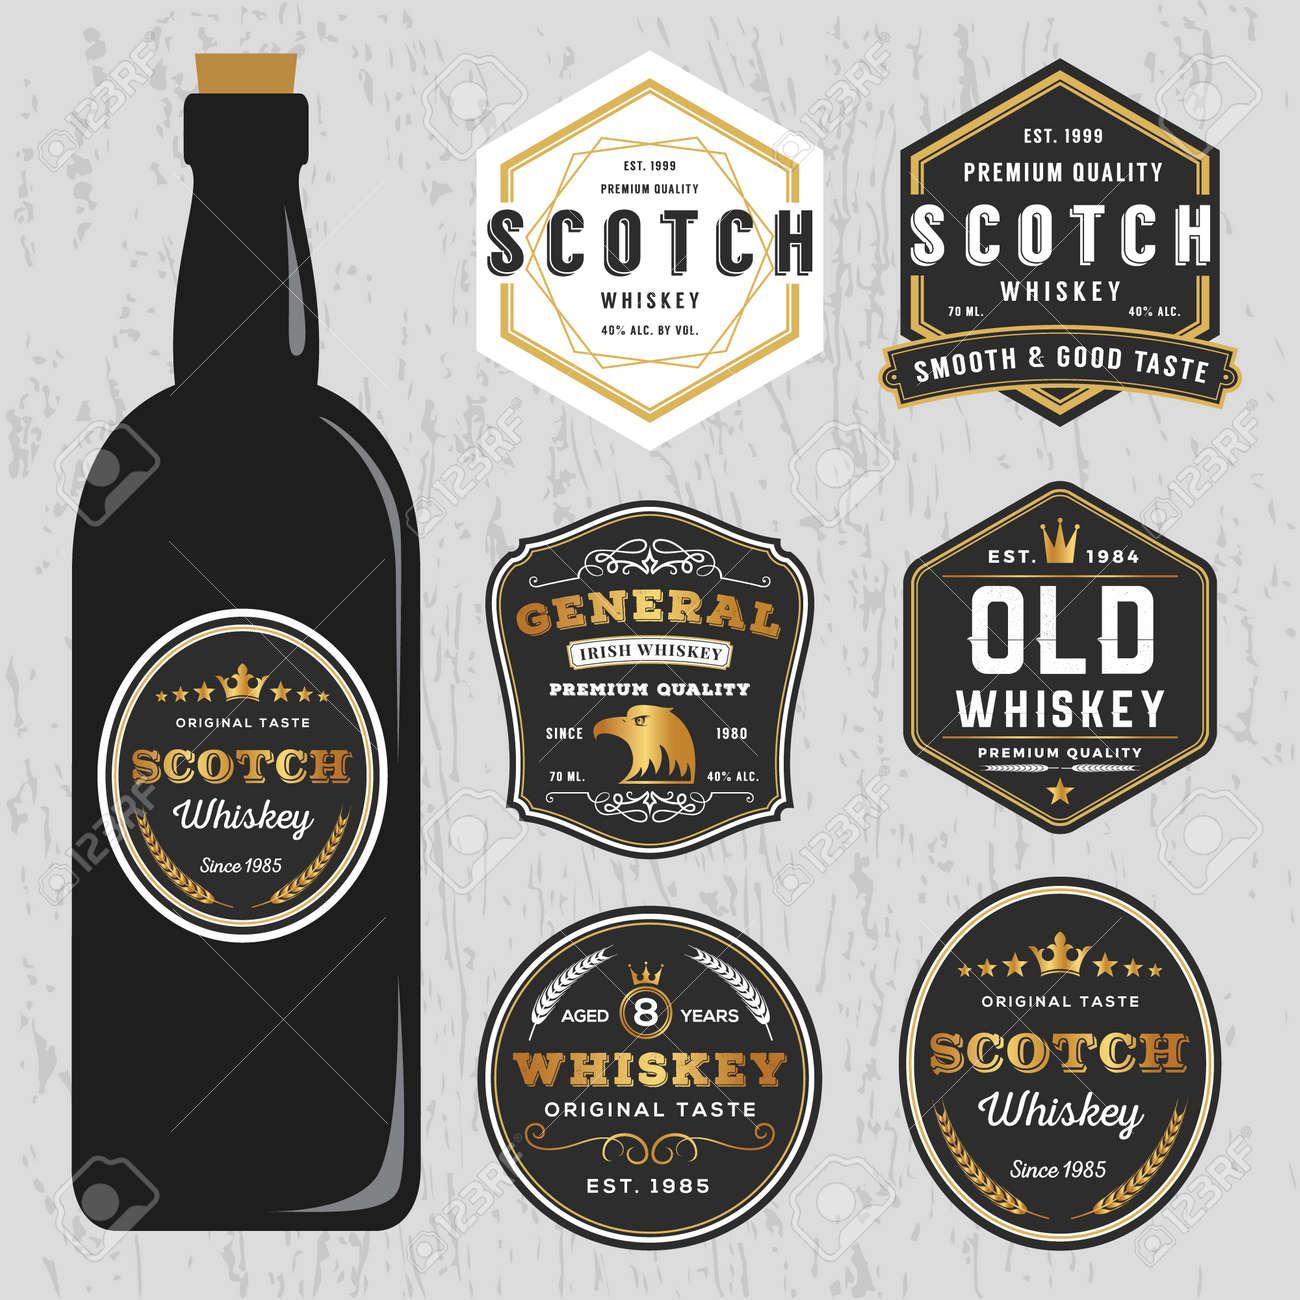 Vintage Premium De Whisky Marcas Etiqueta Plantilla De Diseño ...